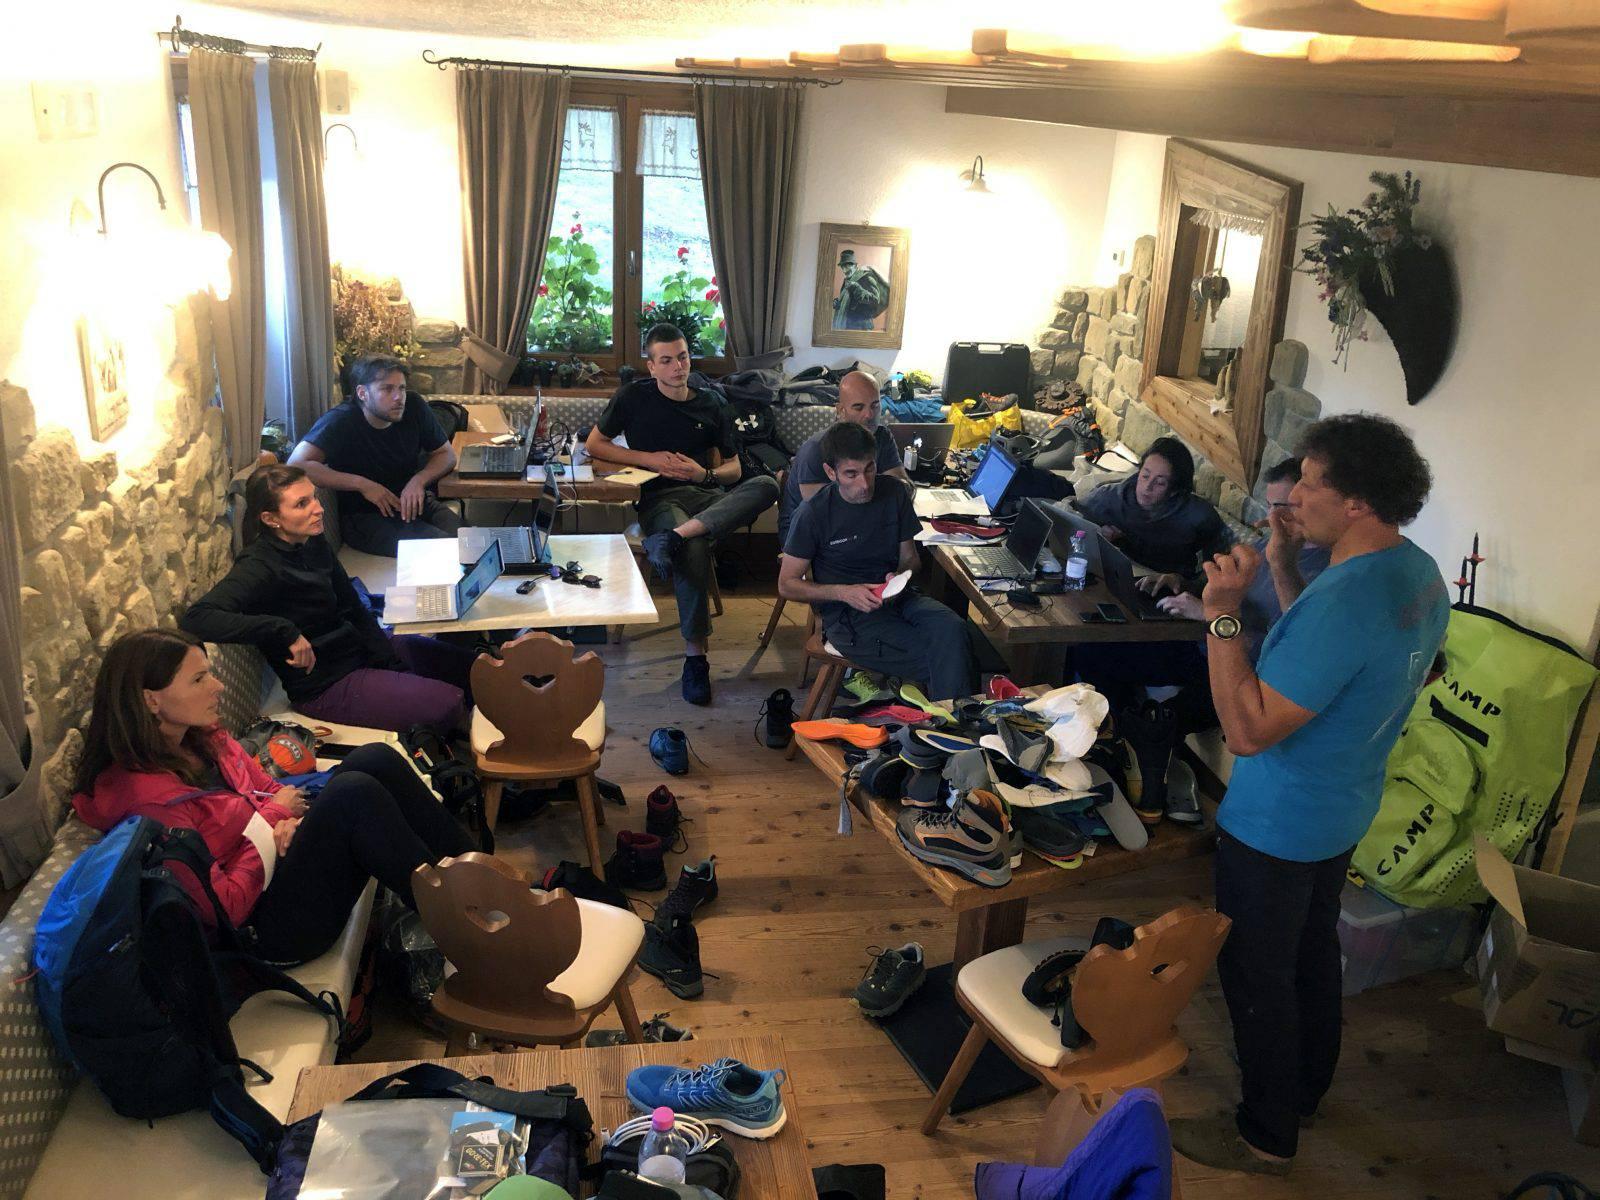 Il tecnico Montura Riccardo Milani mentre conduce la lezione sulle caratteristiche delle scarpe da outdoor